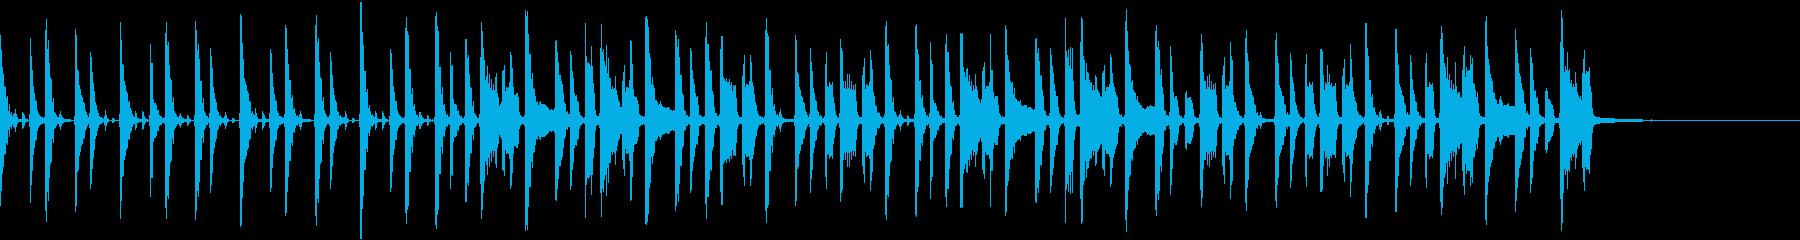 クラビネット、レトロポップなオープニングの再生済みの波形